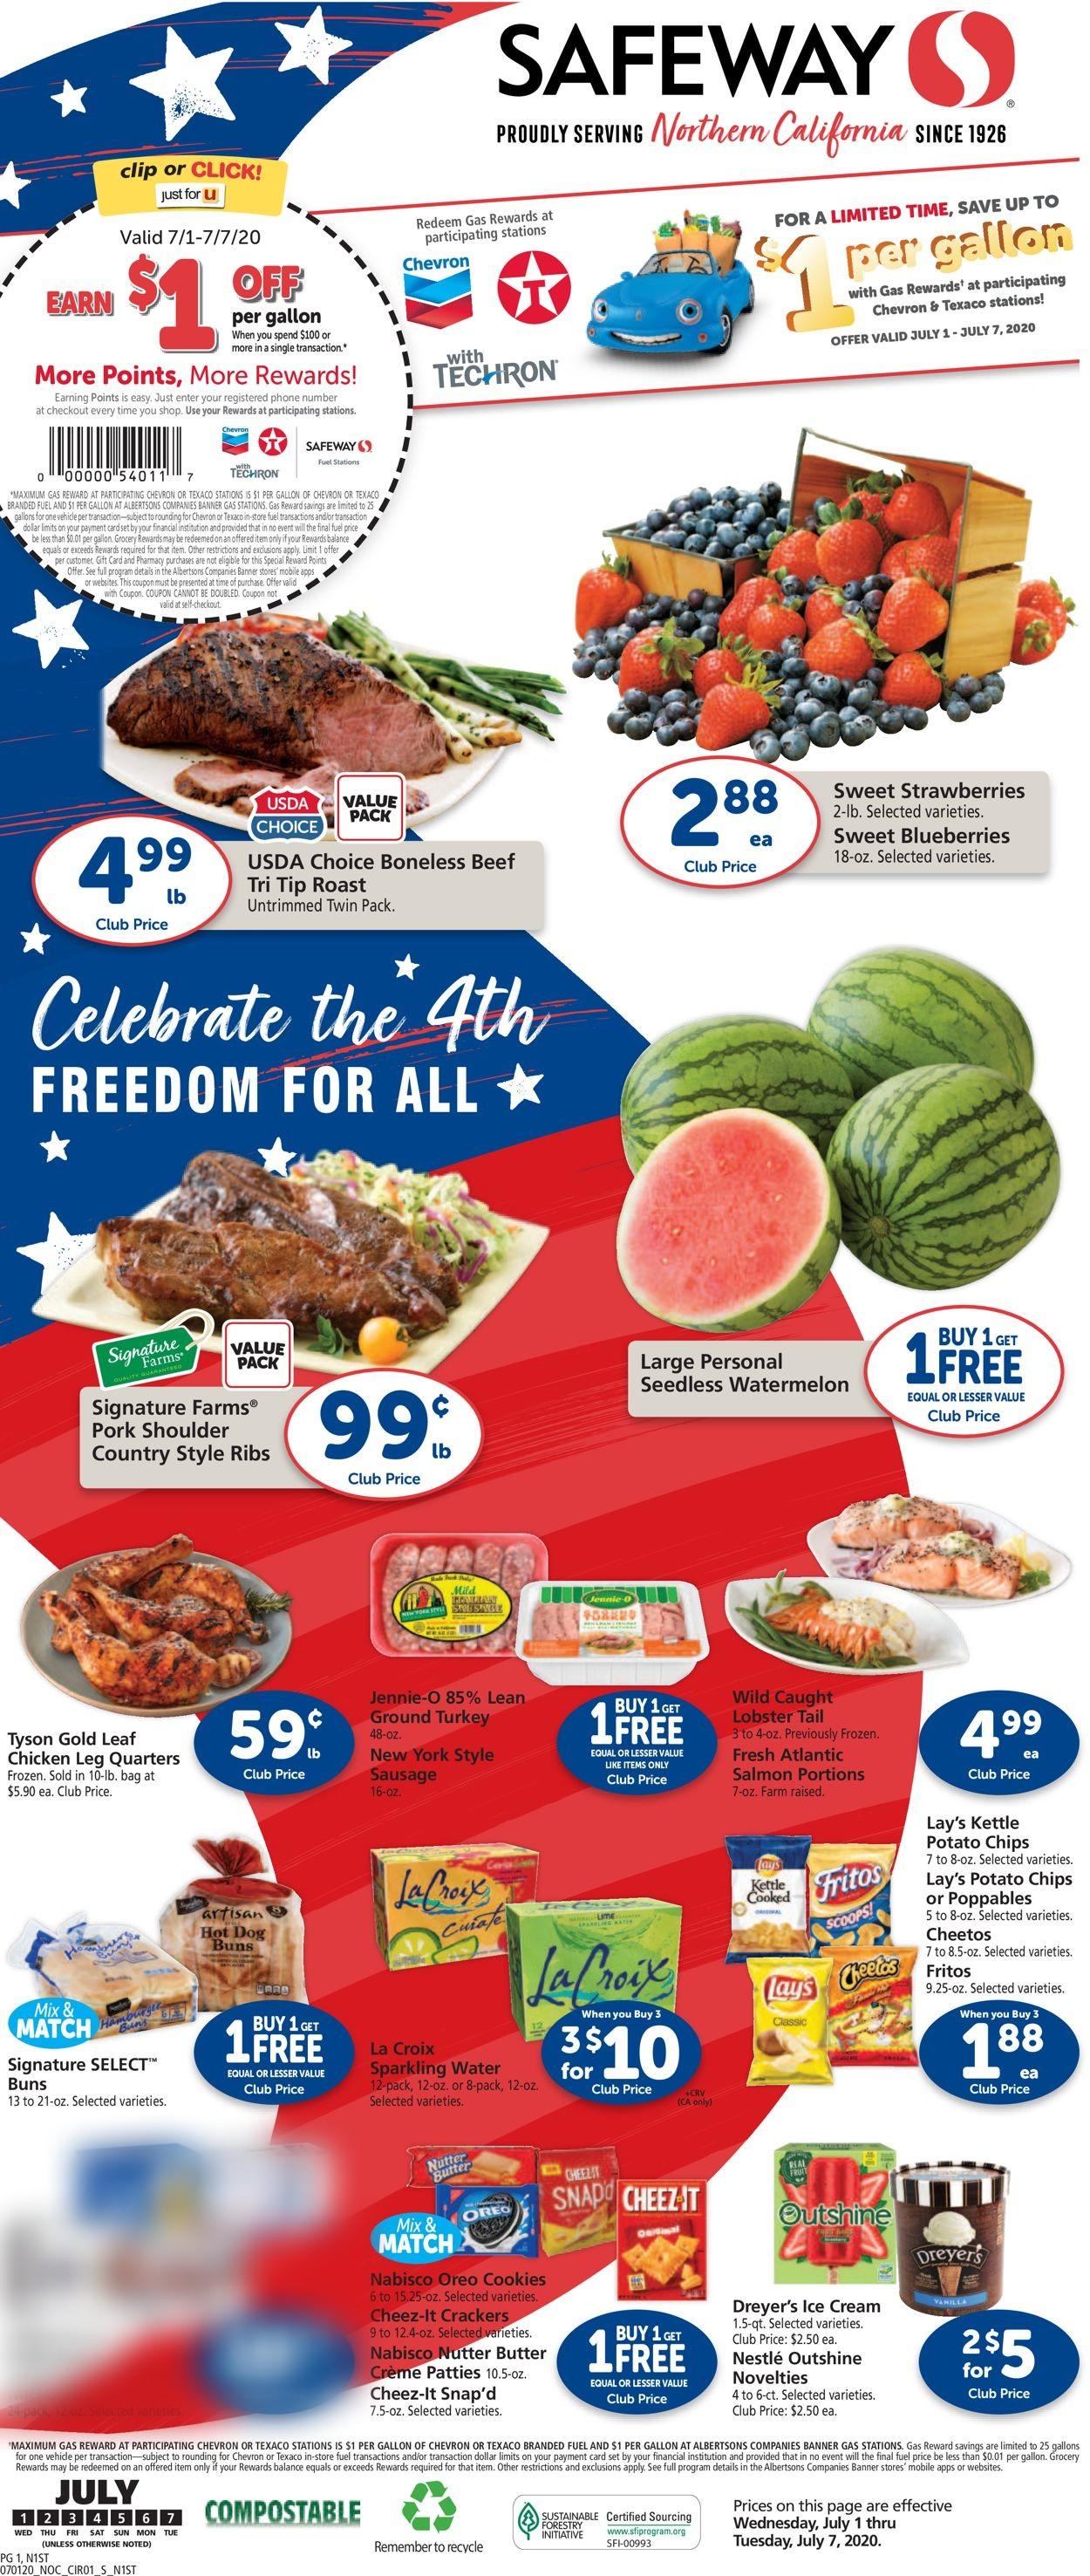 Safeway Weekly Ad Circular - valid 07/01-07/07/2020